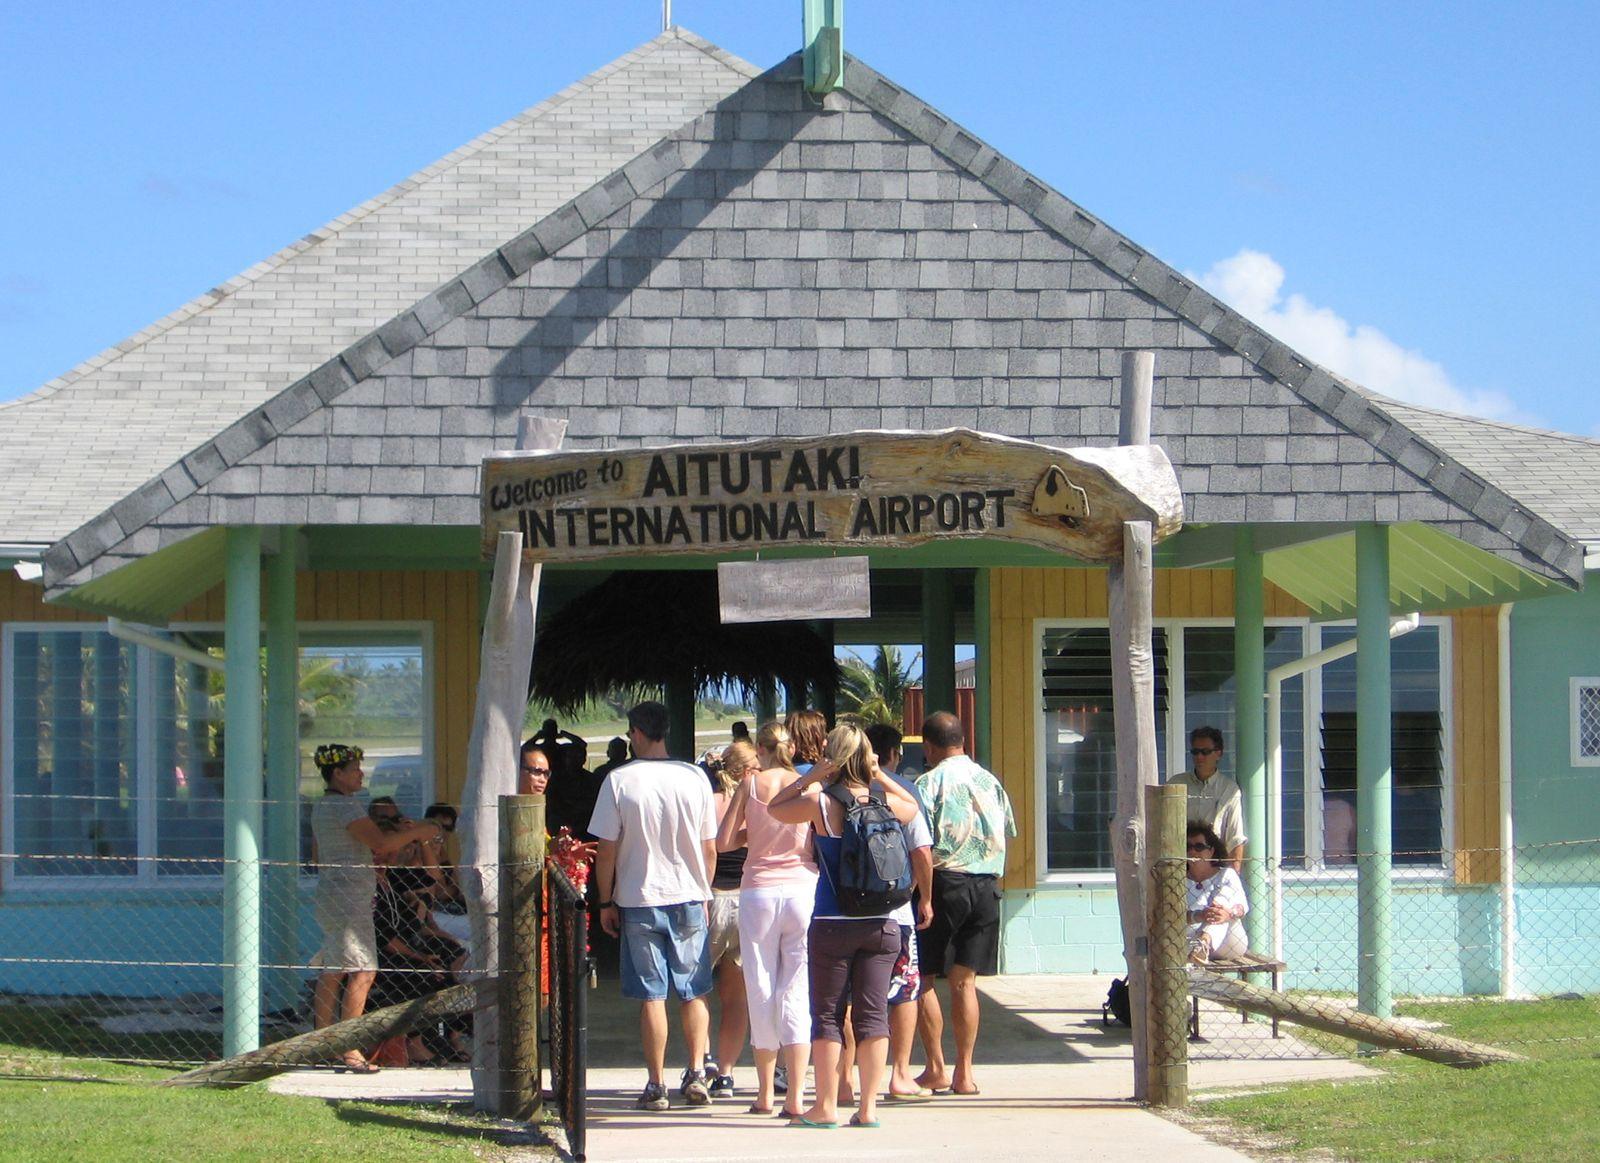 Cook Inseln/ Aitutaki